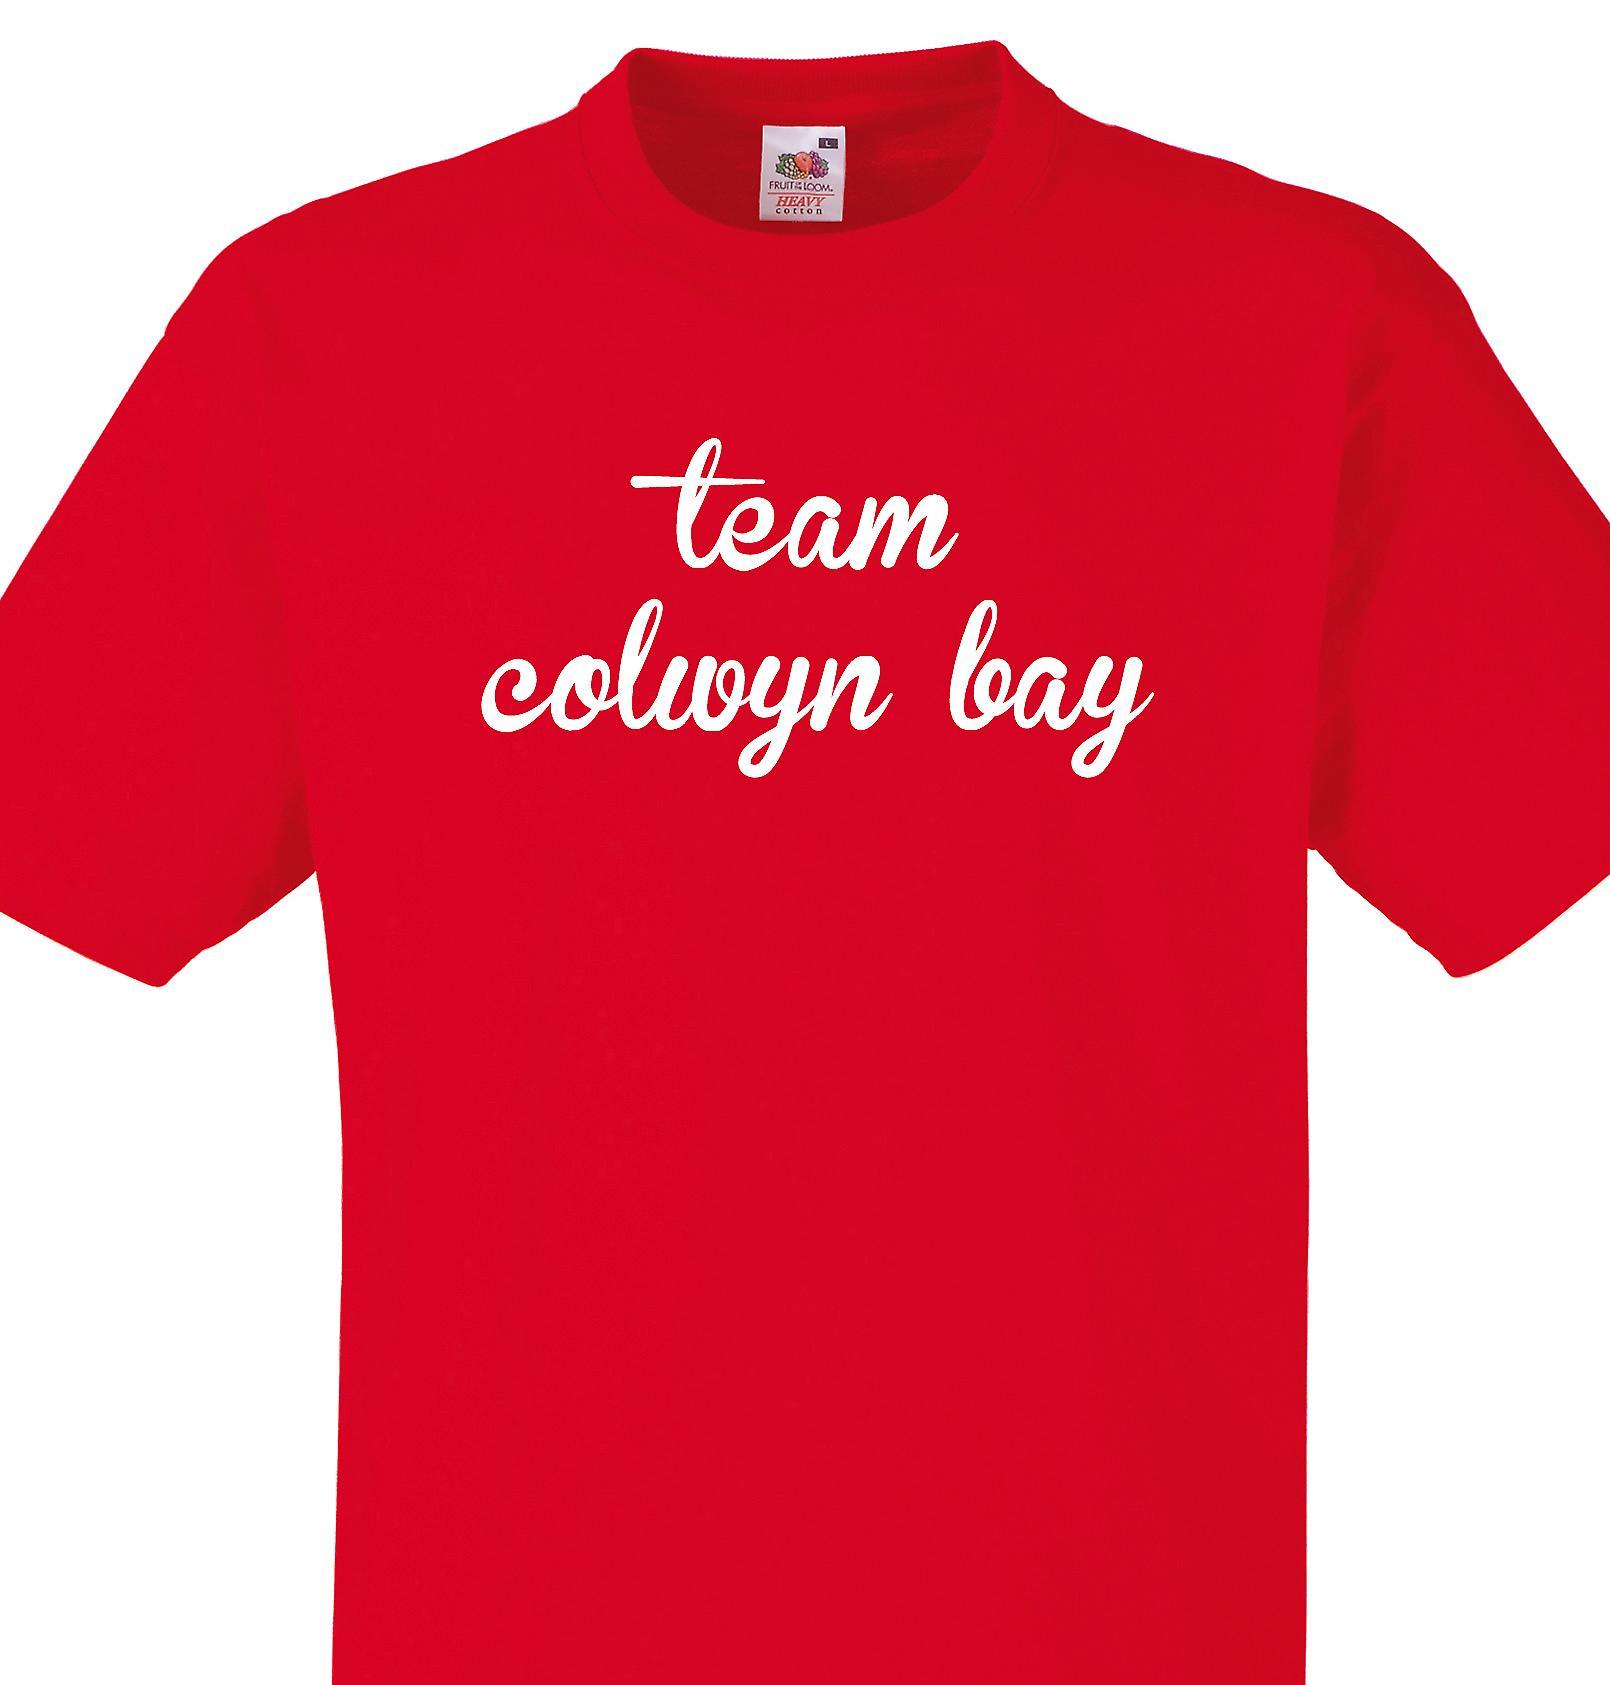 Team Colwyn bay Red T shirt